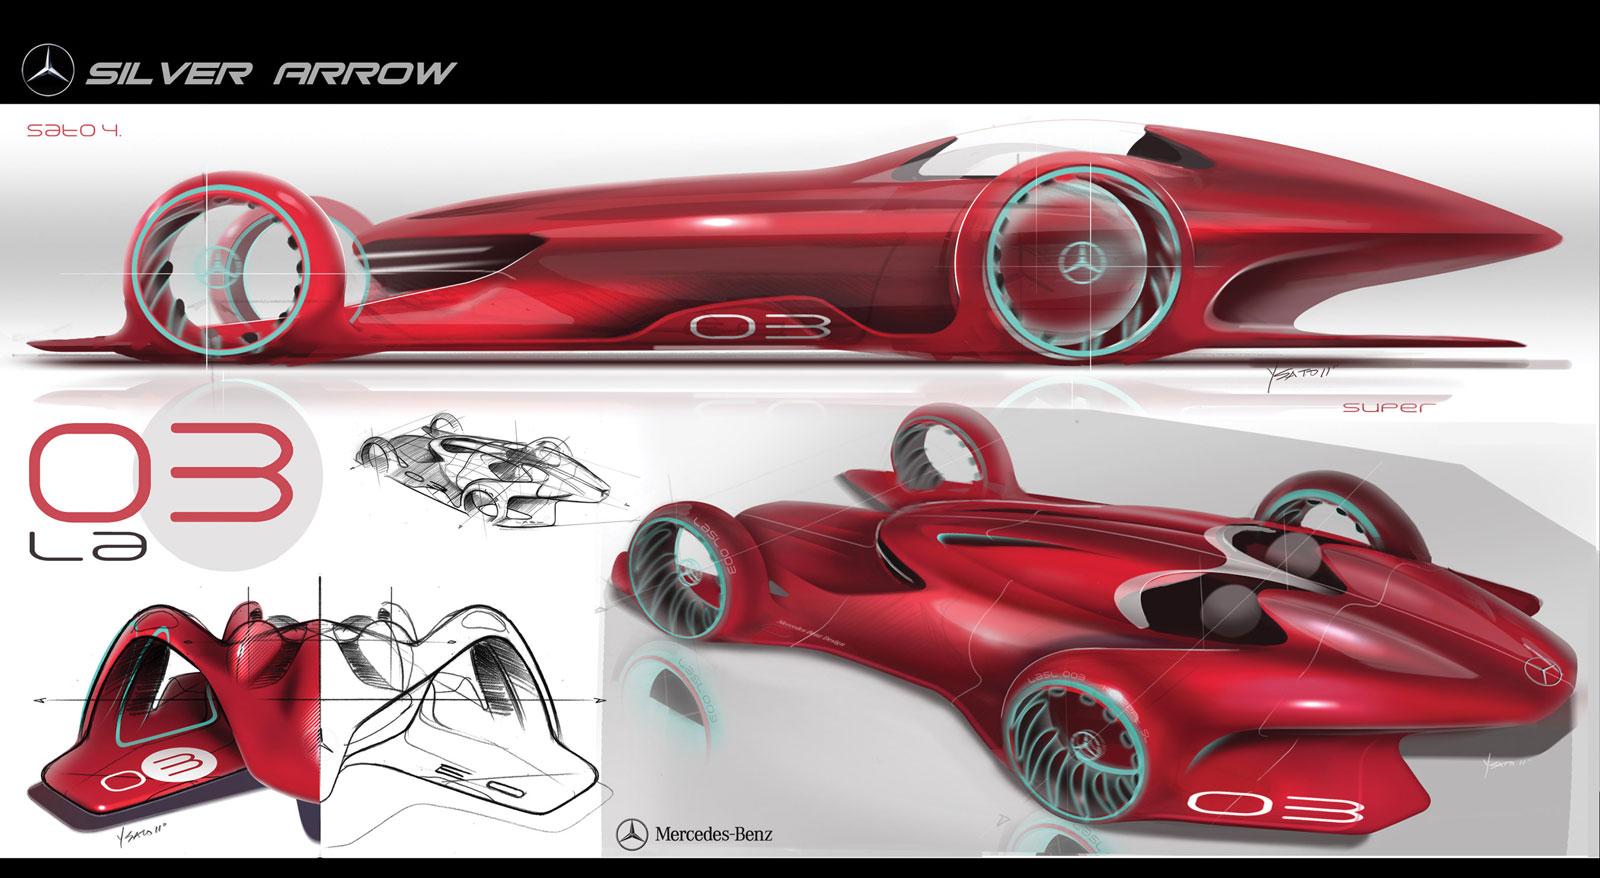 Mercedes Silver Arrow Concept Car Body Design